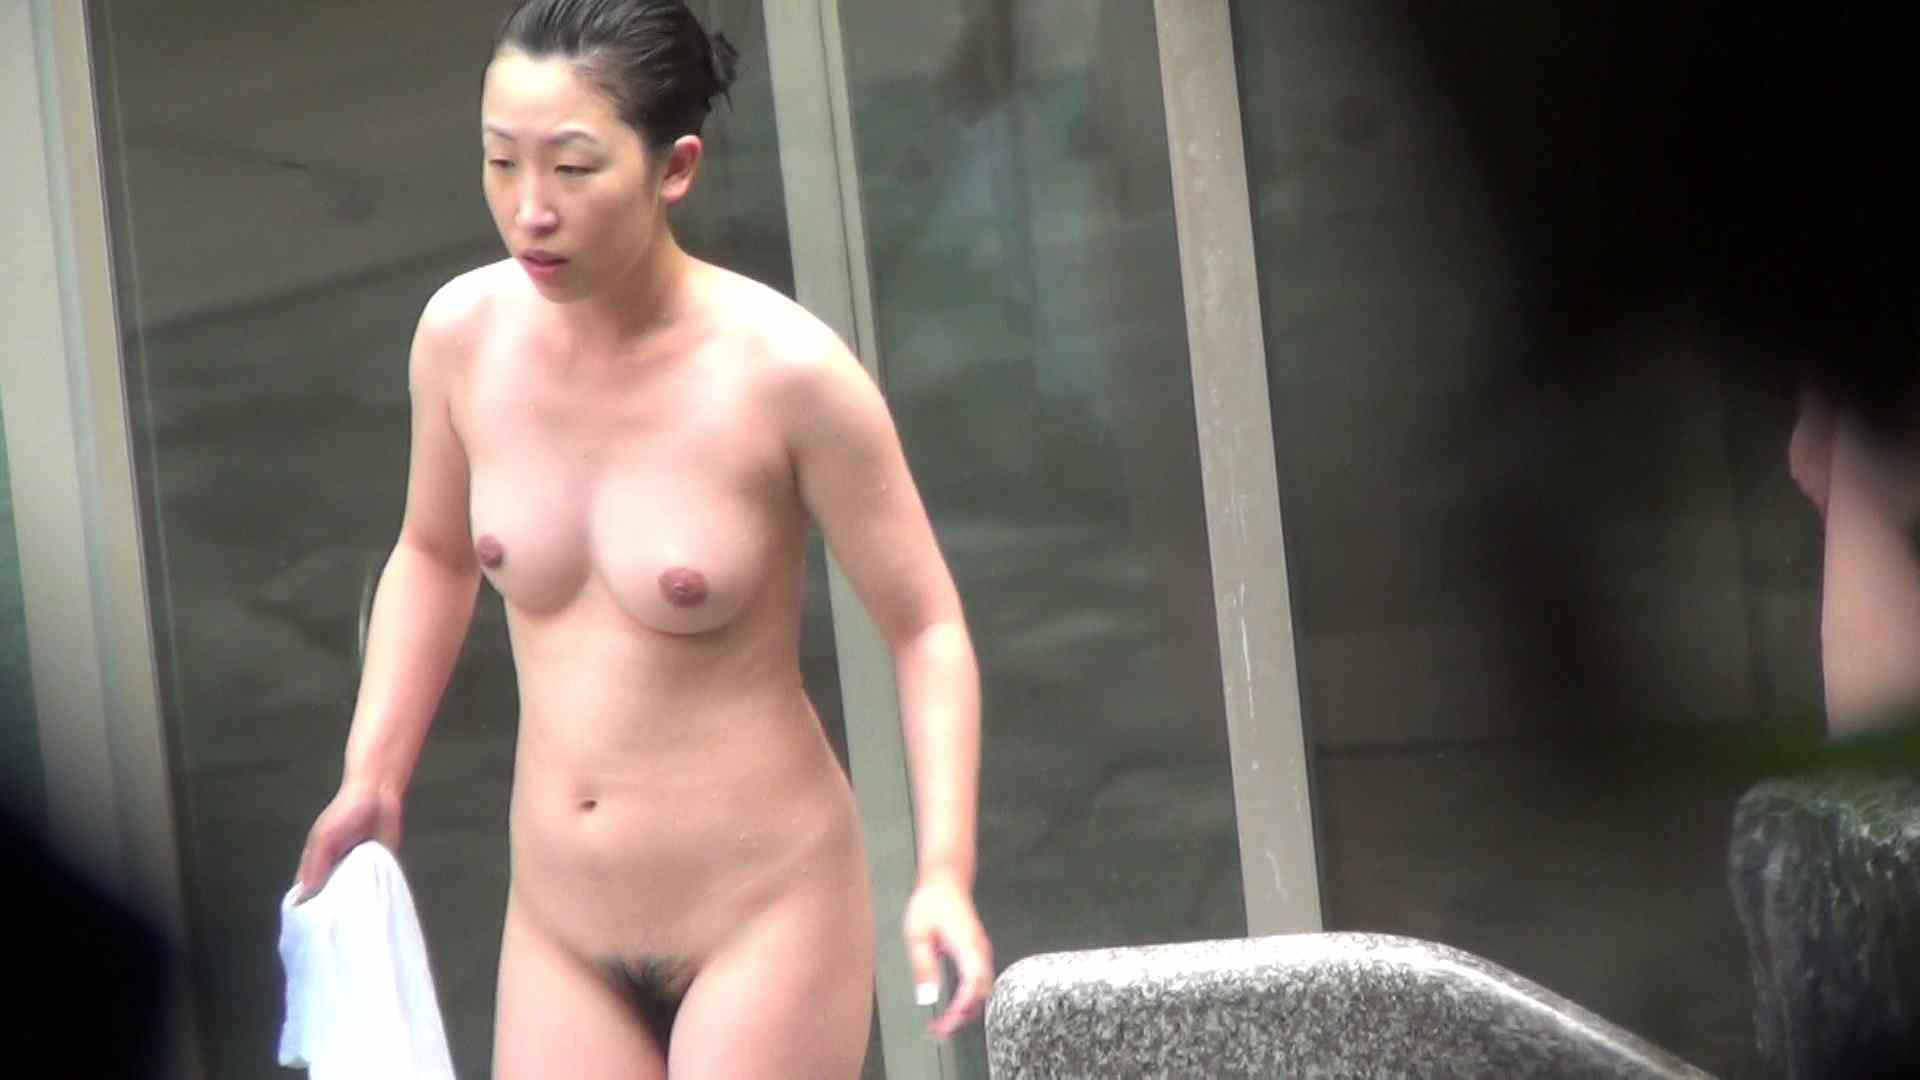 Aquaな露天風呂Vol.262 女体盗撮 のぞき濡れ場動画紹介 55連発 29